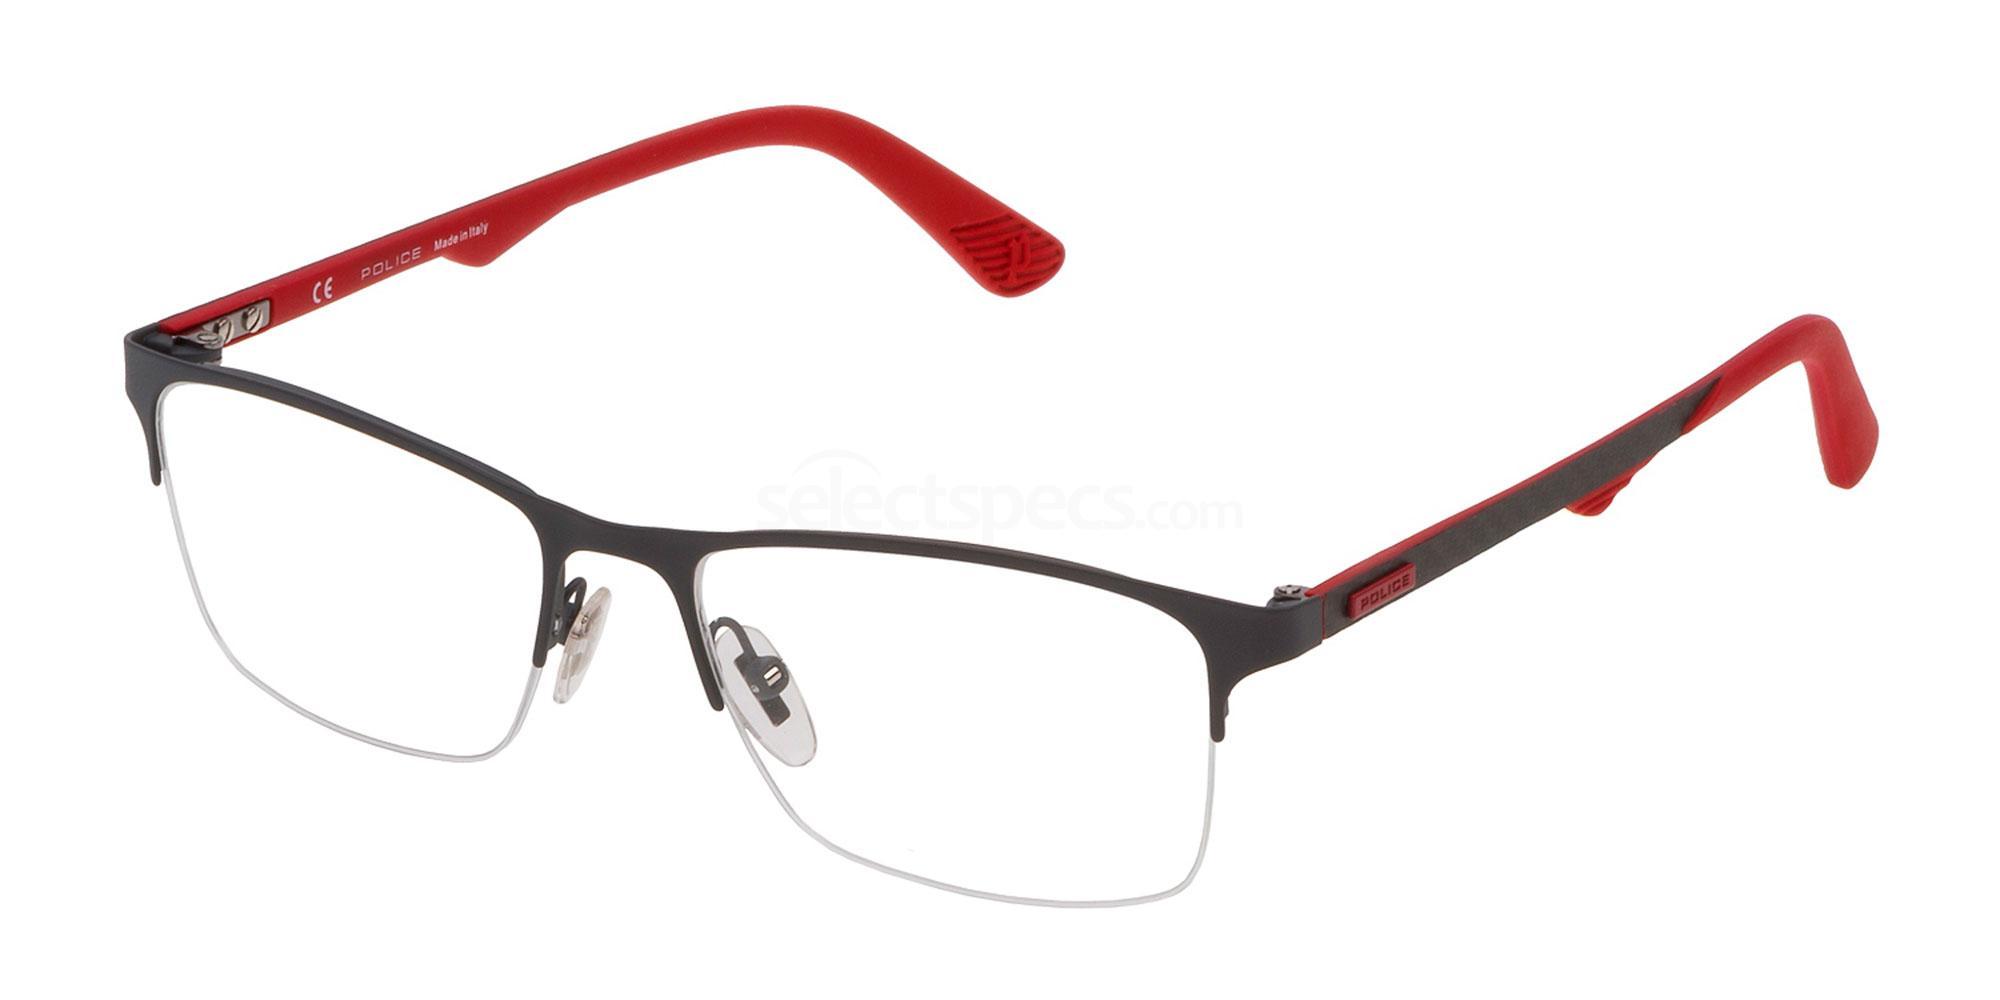 0180 VPL693 Glasses, Police